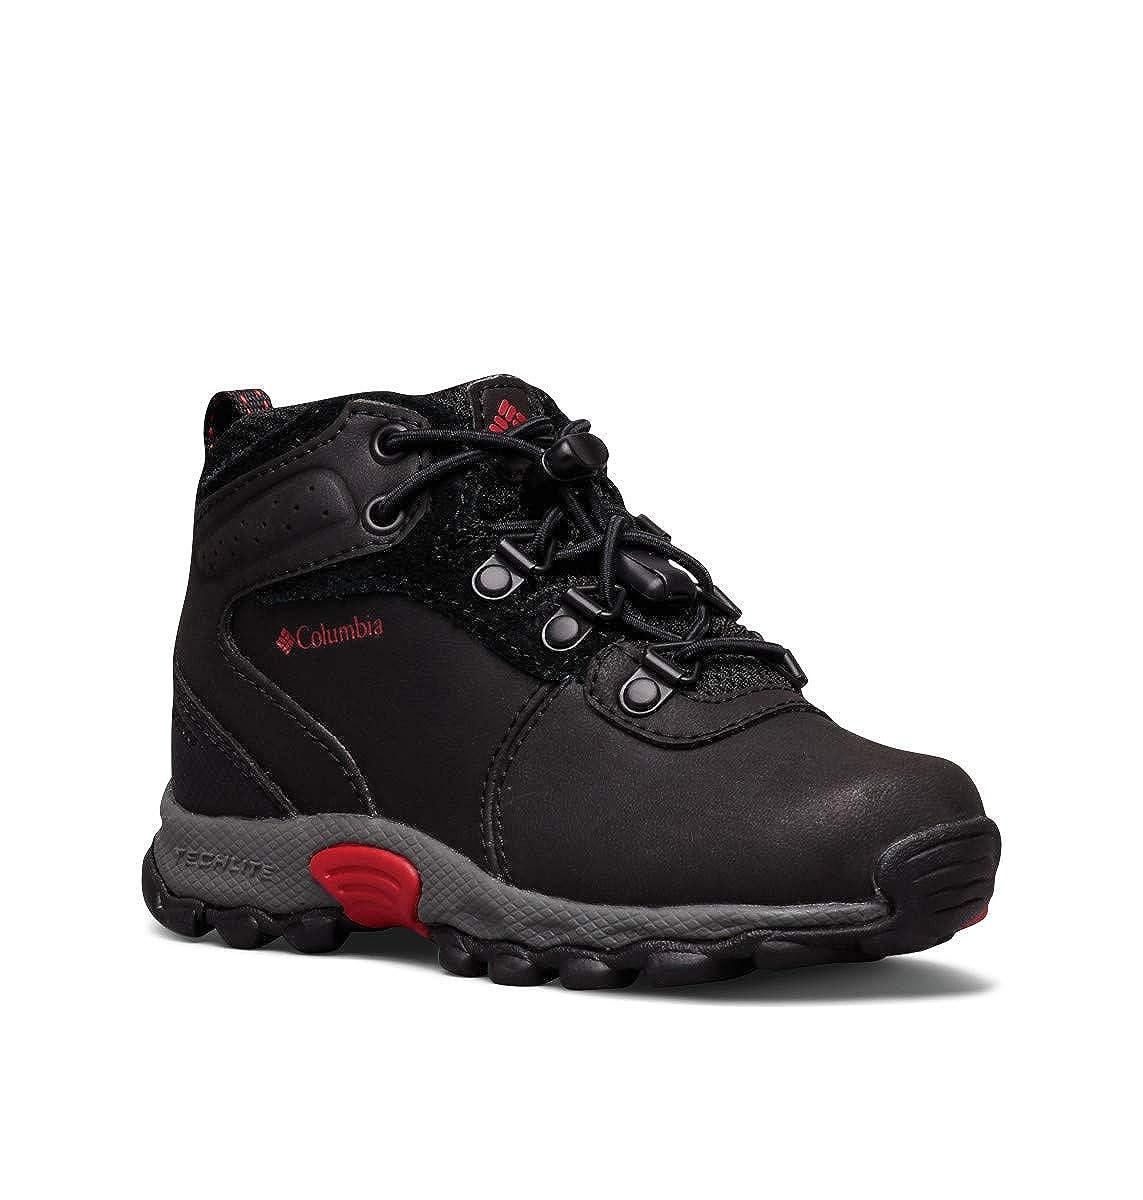 Noir (noir, Mountain 010) 38 EU Columbia Youth nouveauton Ridge, Chaussures Bébé Marche garçon